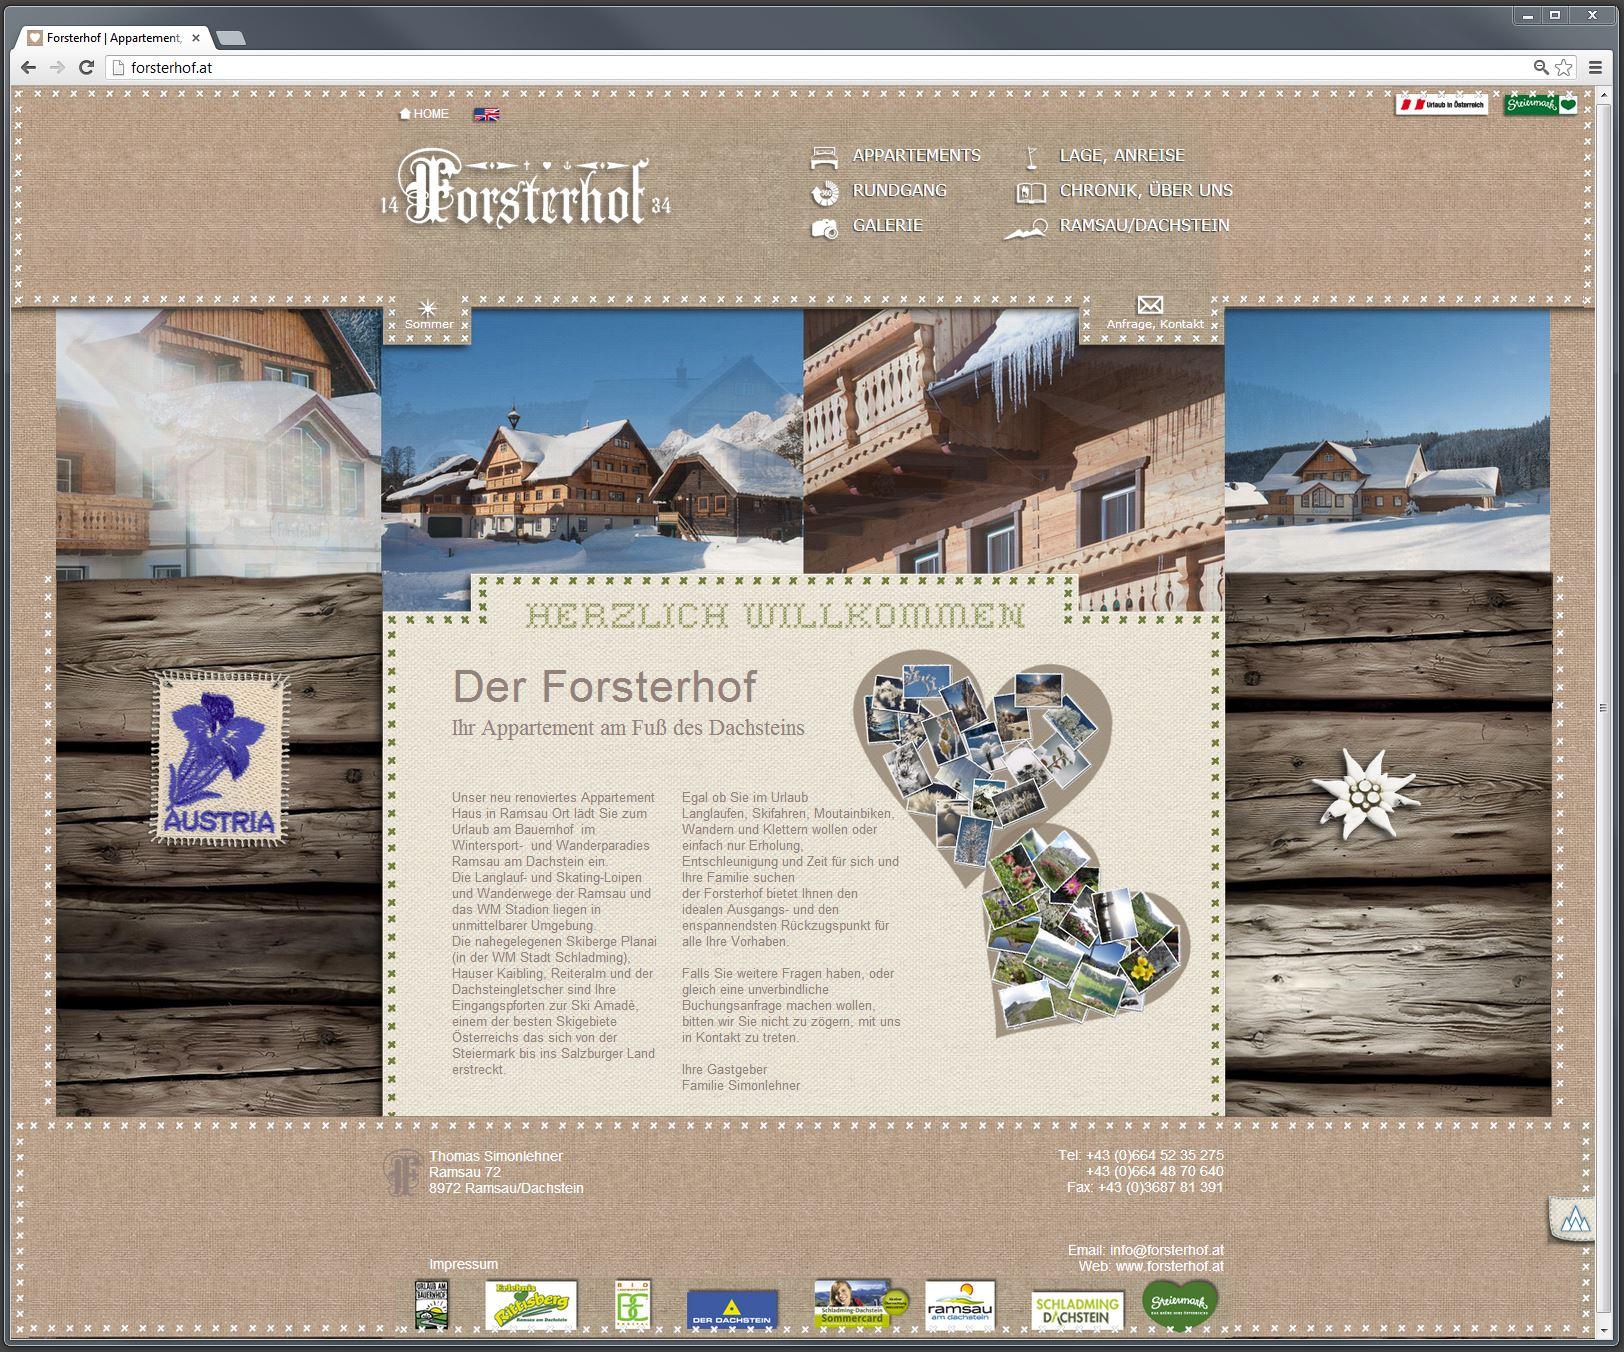 Forsterhof Appartements – Website